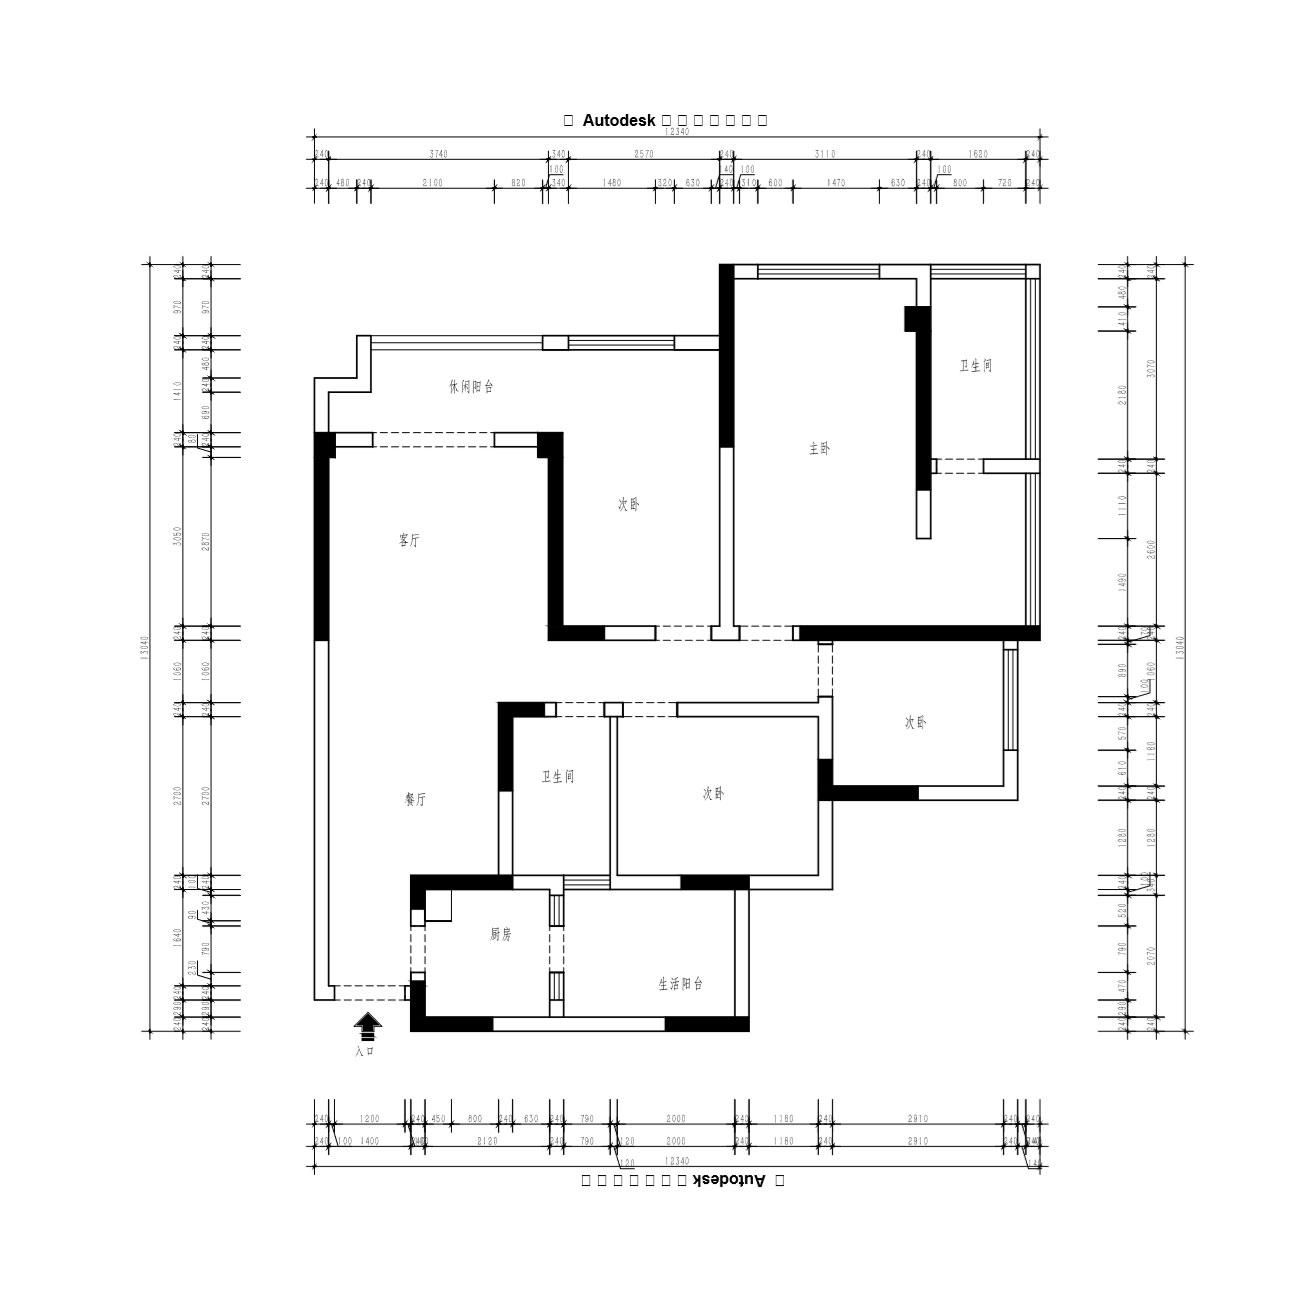 现代简约装修效果图丨复地金融岛178㎡四居室装修案例装修设计理念